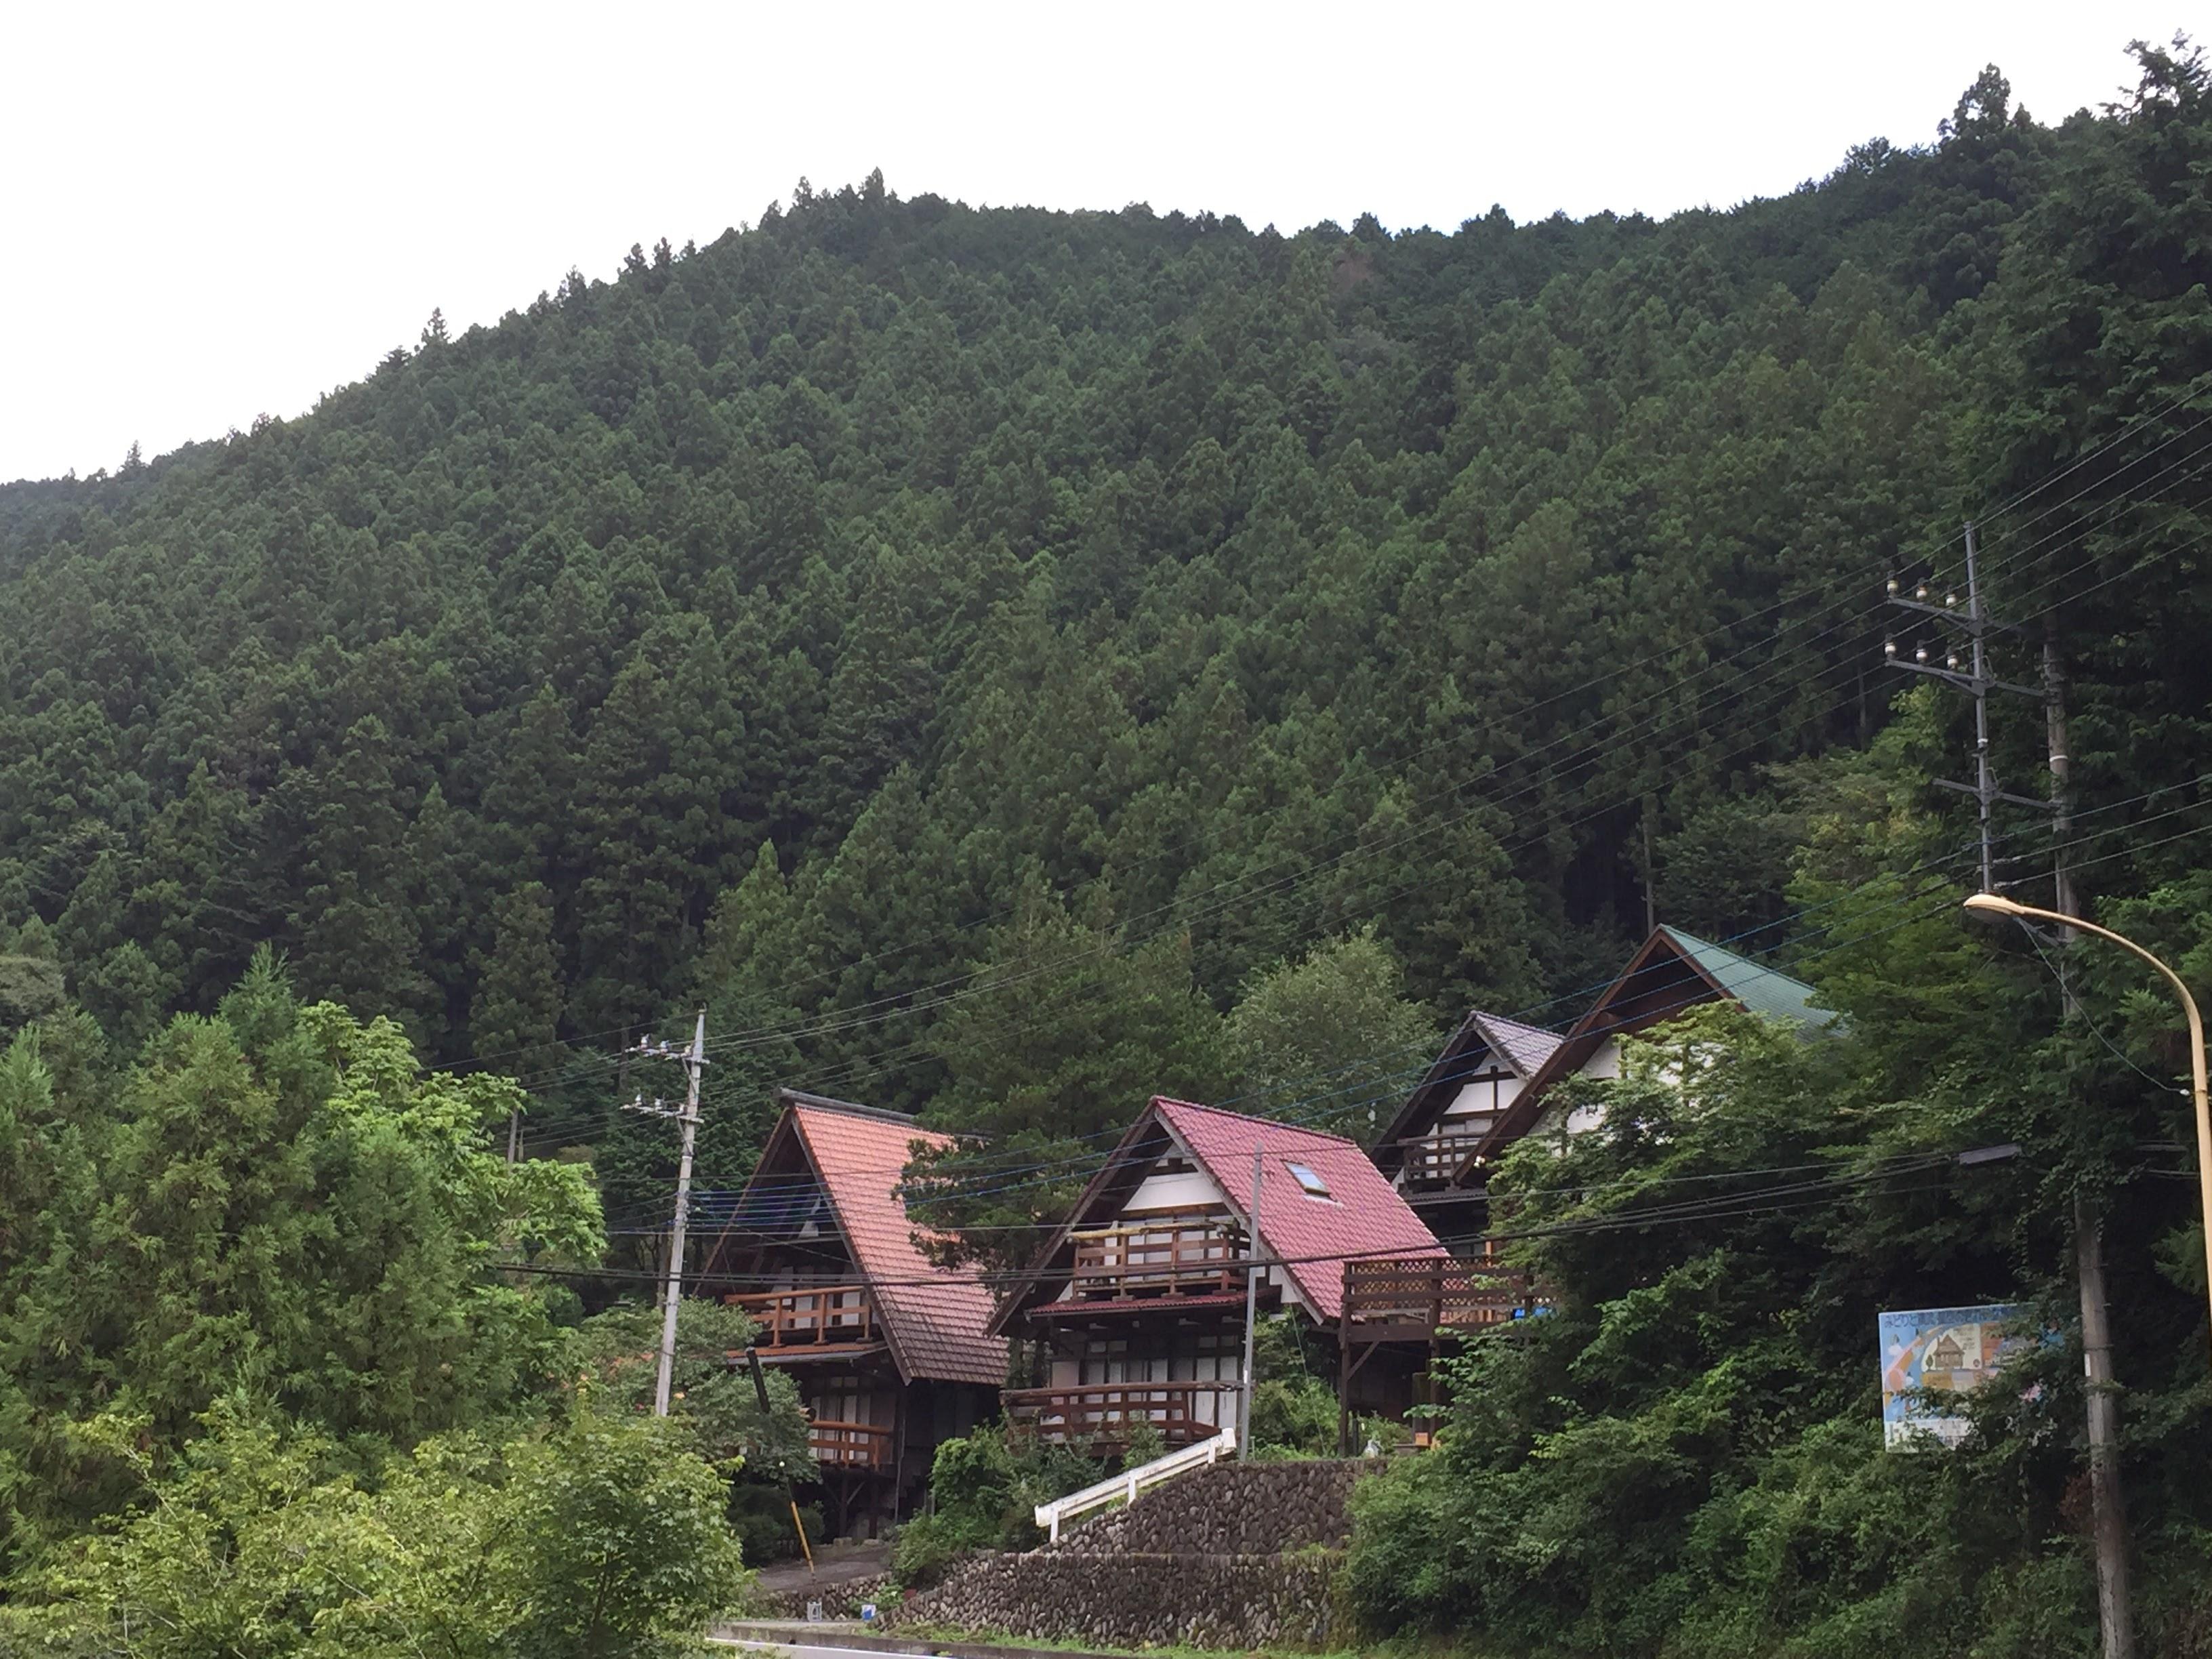 【チャリ旅】飯能~秩父~行田(100km) 山伏峠を走る